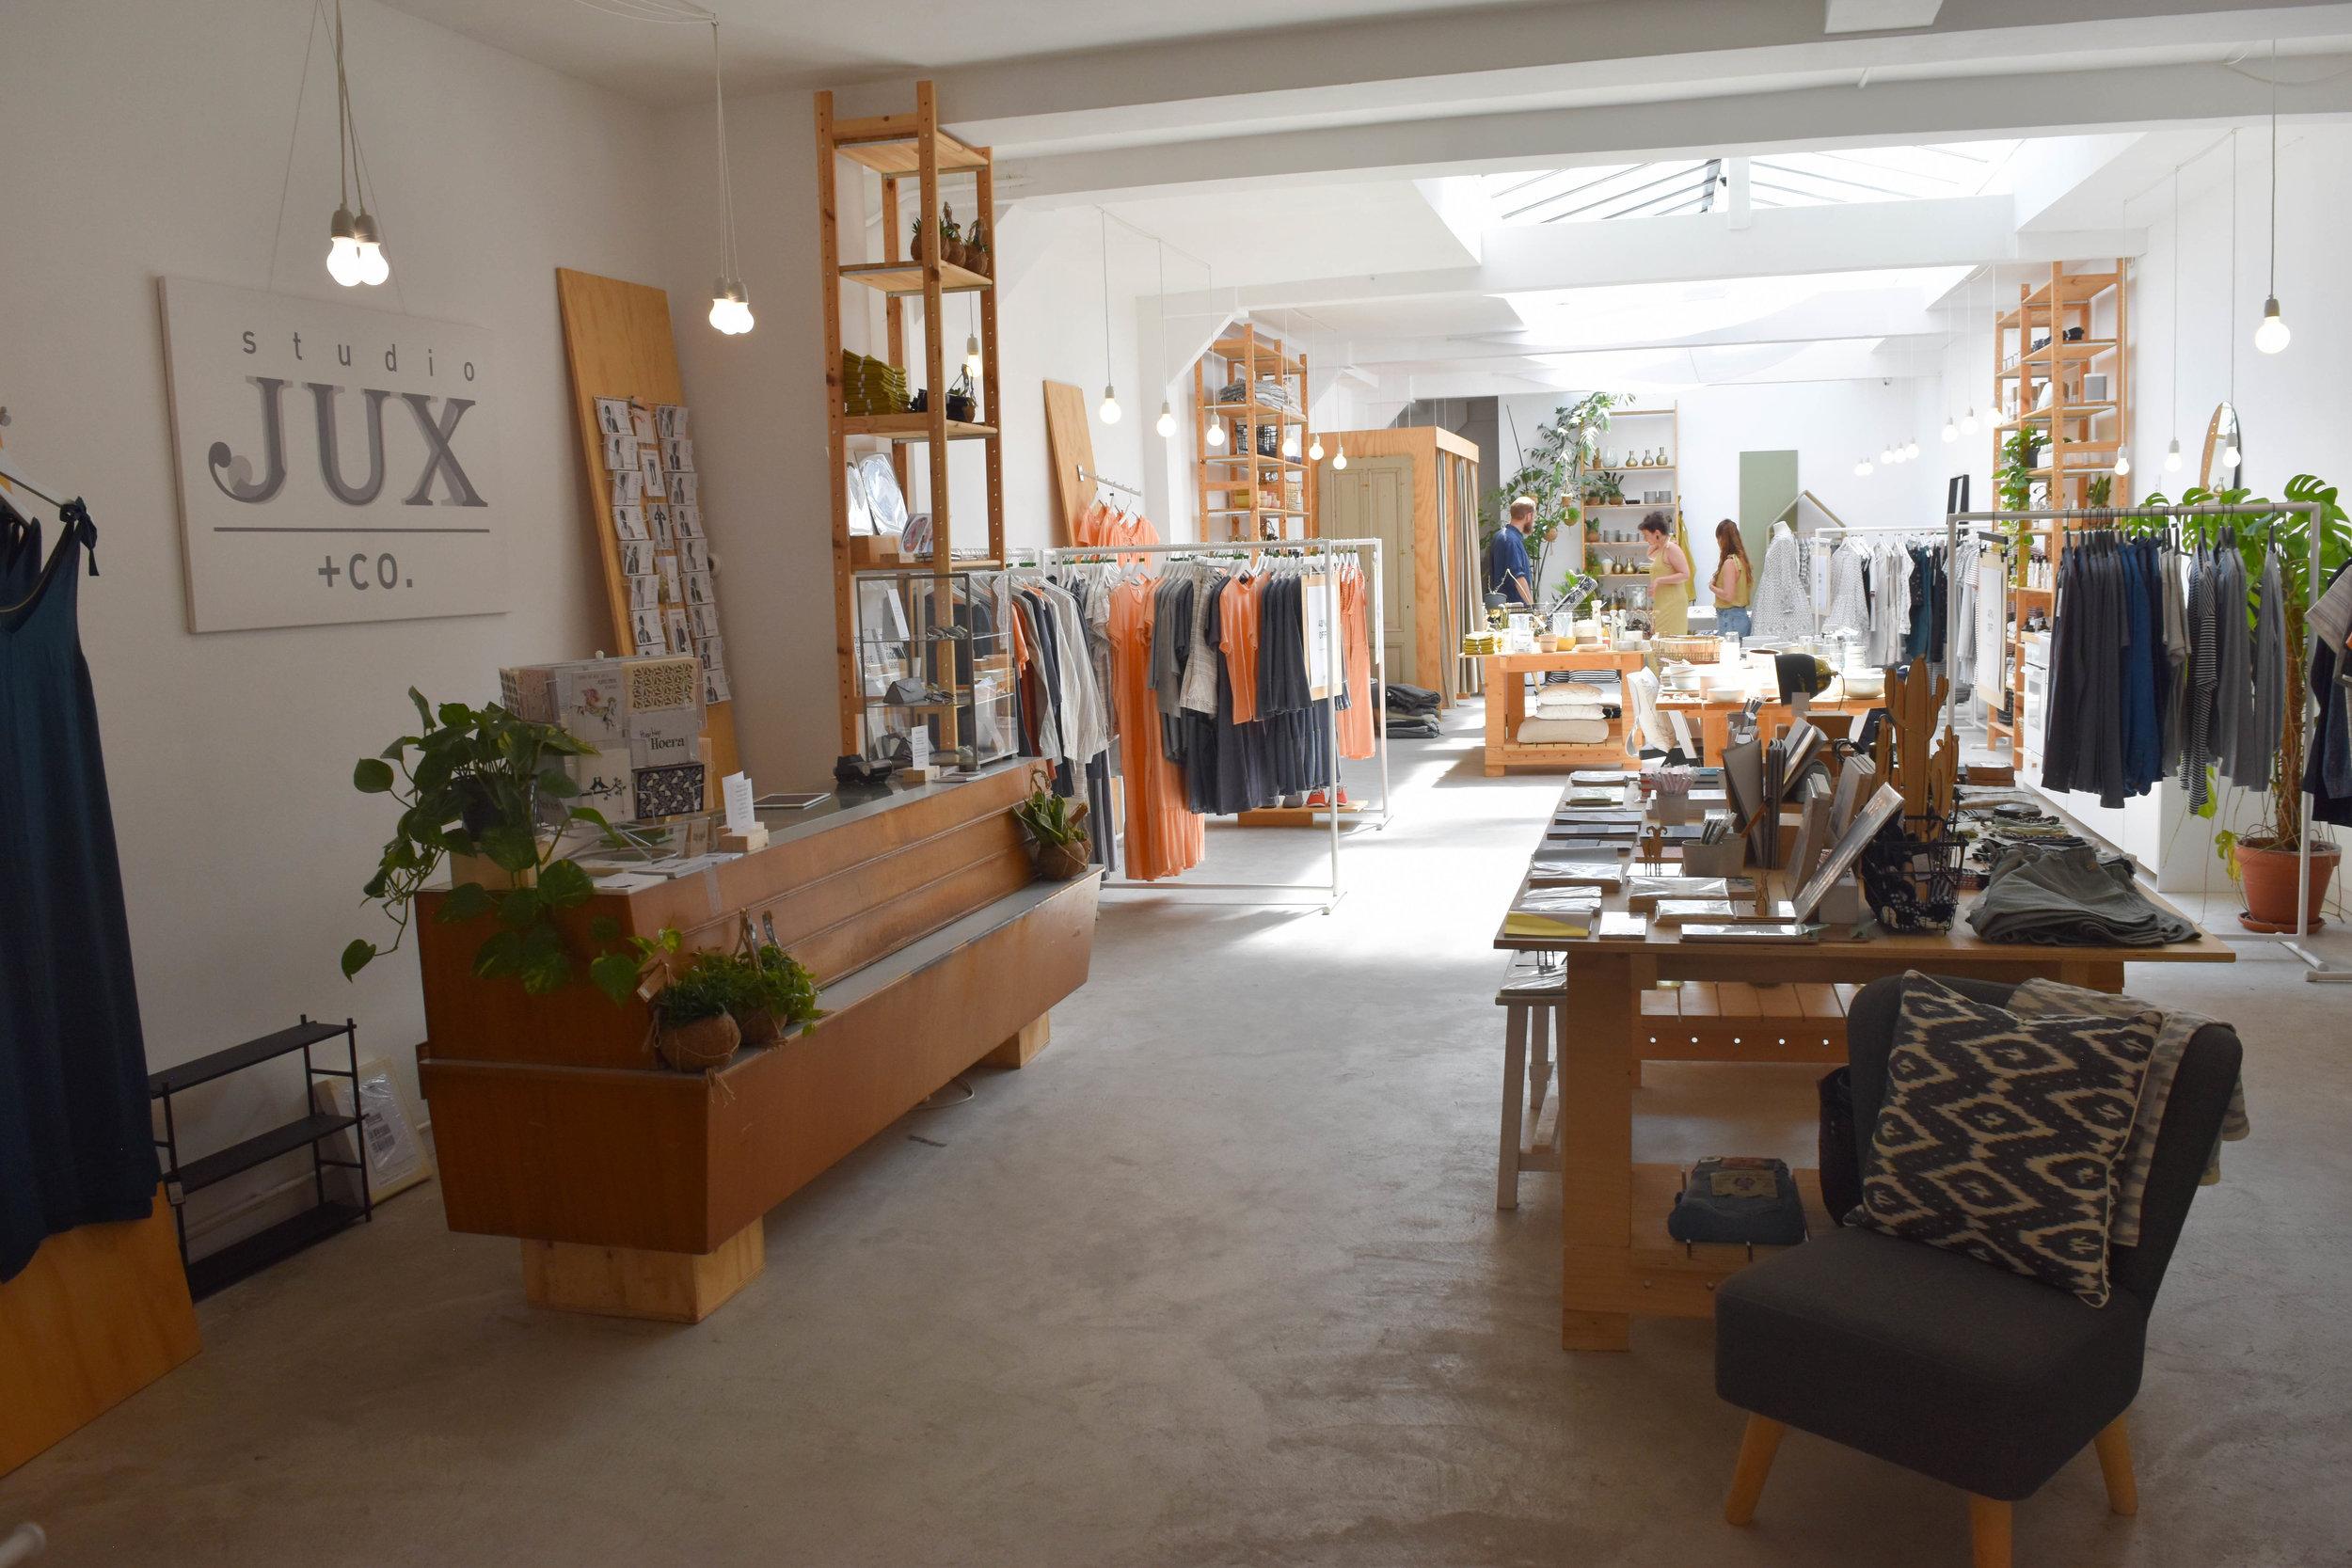 Studio JUX + co. flagship store